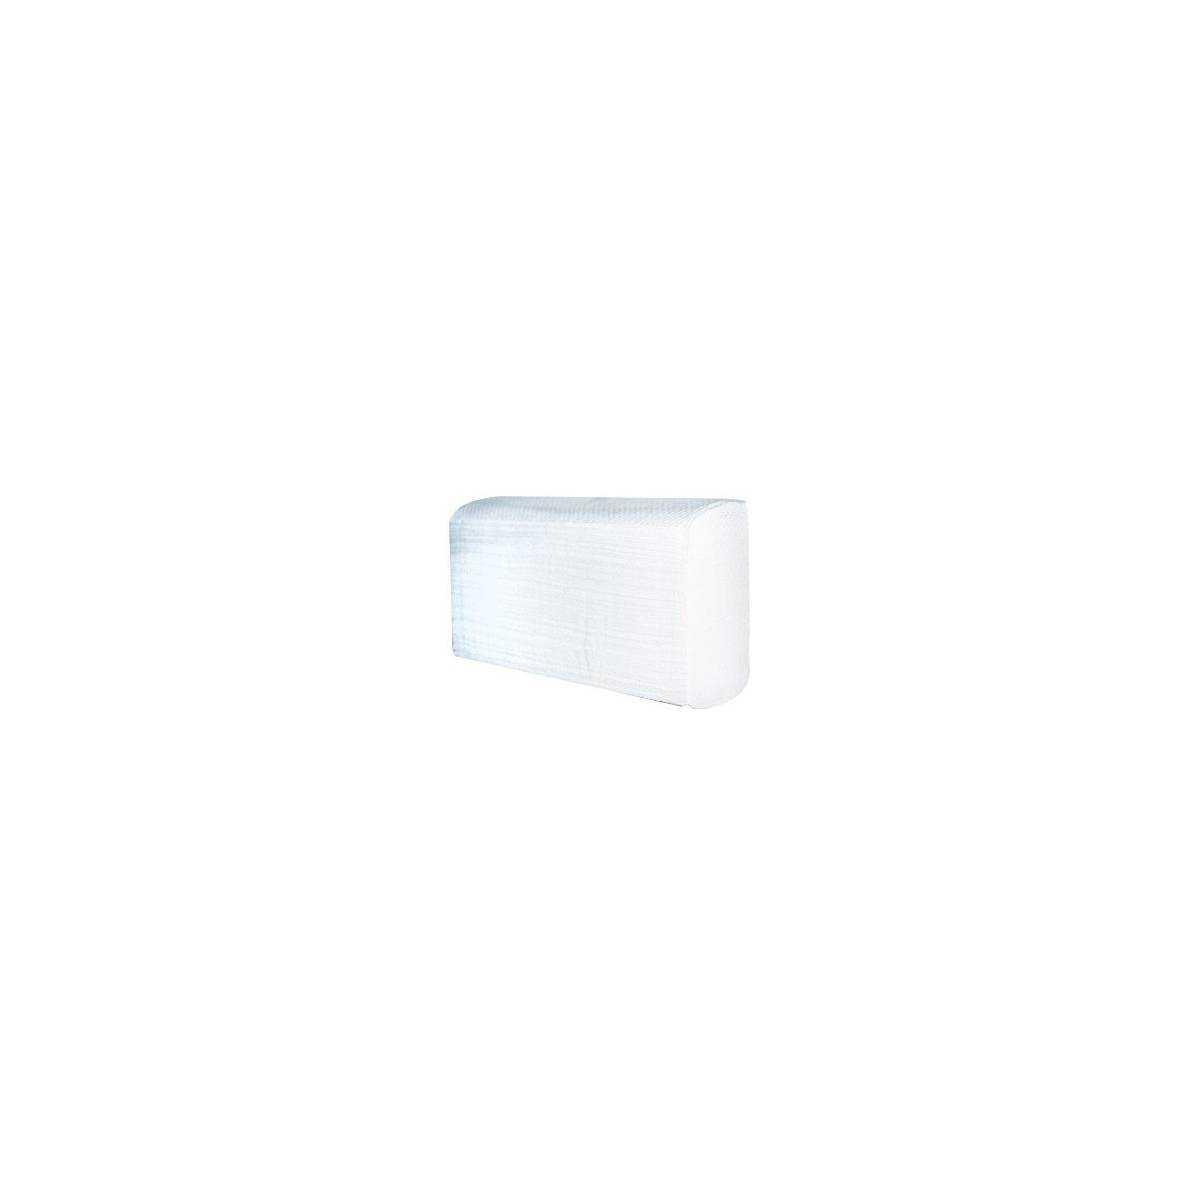 Полотенца бумажные узкие Mar Plast (ящик-20 пачек по 120 листов) А99720CRT Mar Plast